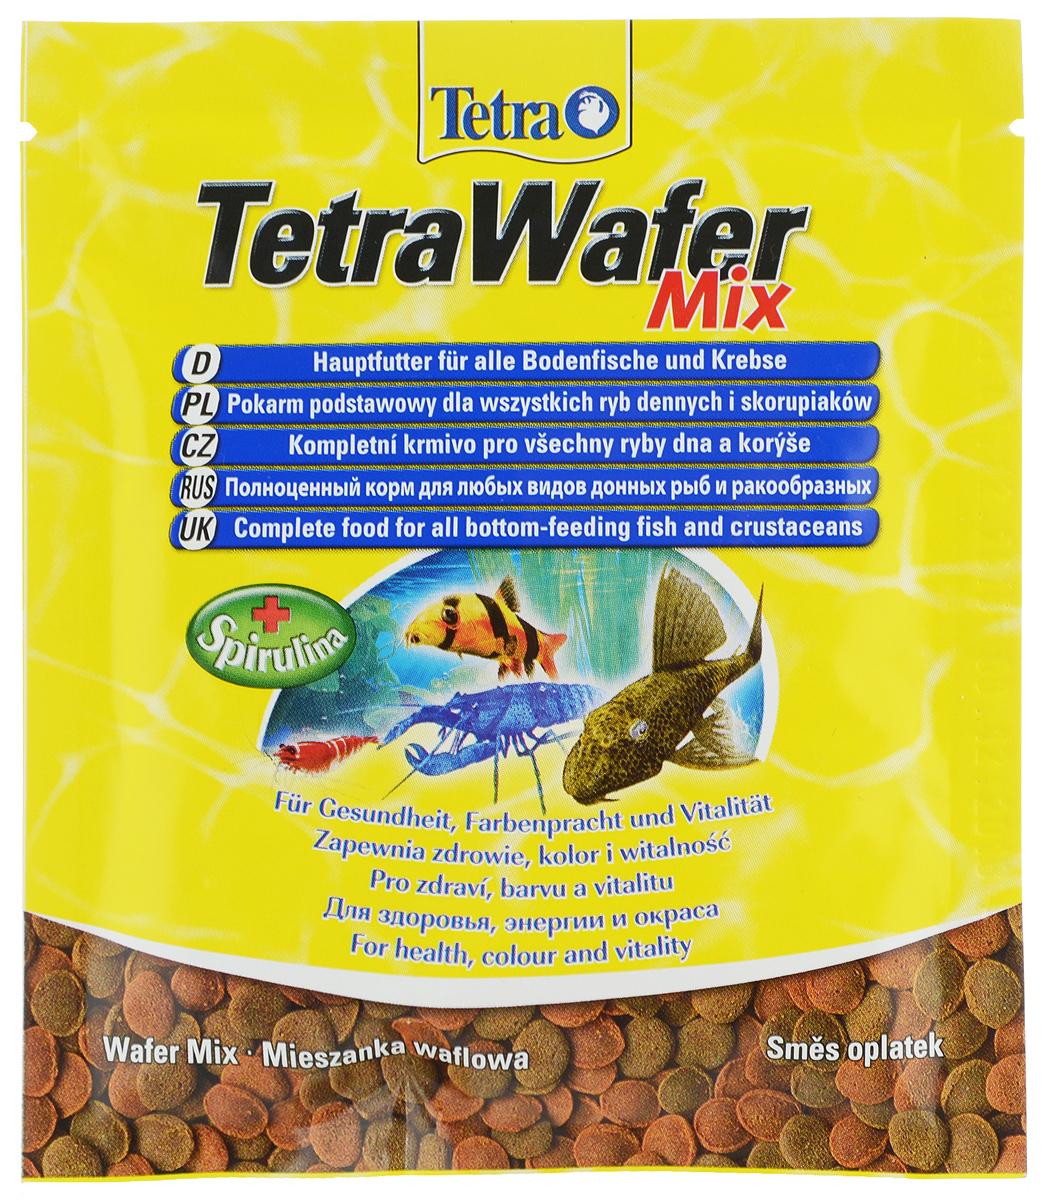 Корм Tetra TetraWafer Mix для всех видов донных рыб и ракообразных, пластинки, 15 г134461Корм Tetra TetraWafer Mix - это высококачественная смесь основного корма и креветок для кормления травоядных, хищных и донных рыб. Идеально подходит для кормления ракообразных (креветок, крабов, раков), сомовых и других придонных обитателей. Для травоядных донных рыб в аквариуме идеально подходят зеленые пластинки из водорослей спирулины, а коричневые - идеальны для хищников. Корм не мутит и не загрязняет воду благодаря плотному составу. Форма пластинок соответствует свойствам природного корма, позволяет кормить рыб разных размеров. Множество отборных высококачественных компонентов, витаминов, минералов и аминокислот обеспечивают питательными и энергетическими потребностями даже наиболее требовательных видов аквариумных рыб. Рекомендации оп кормлению: кормить несколько раз в день маленькими порциями. Состав: рыба и побочные рыбные продукты, экстракты растительного белка, зерновые культуры, растительные продукты, моллюски и раки, дрожжи, водоросли (спирулина 1,5%), минеральные вещества, масла и жиры.Аналитические компоненты: сырой белок - 45%, сырые масла и жиры - 6%, сырая клетчатка - 2%, содержание влаги - 9%. Добавки: витамины, провитамины и химические вещества с аналогичным воздействием. Товар сертифицирован.